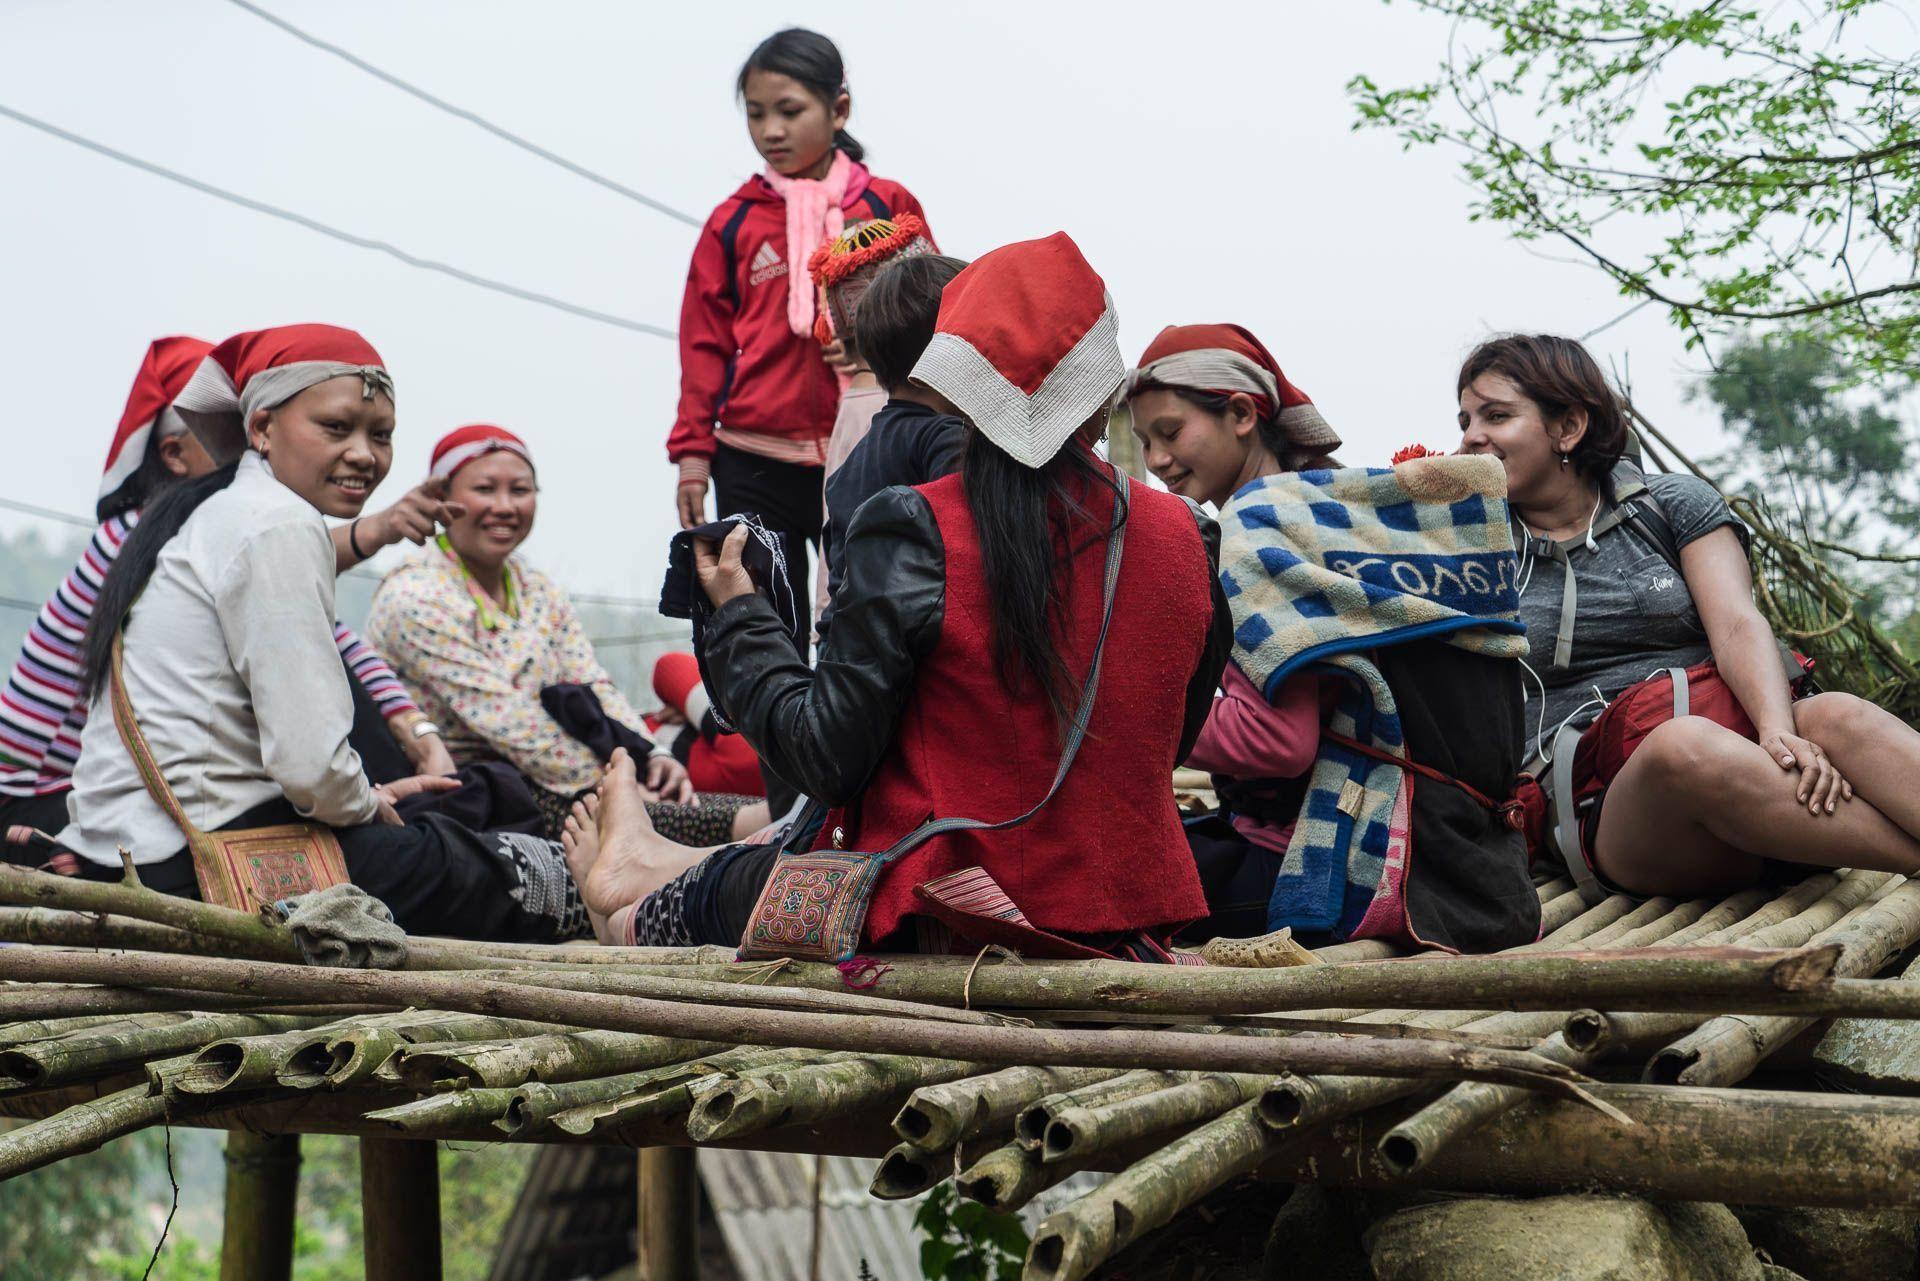 lesvoyageuses-trek-sapa-minorites-ethniques-itineraire-vietnam-33